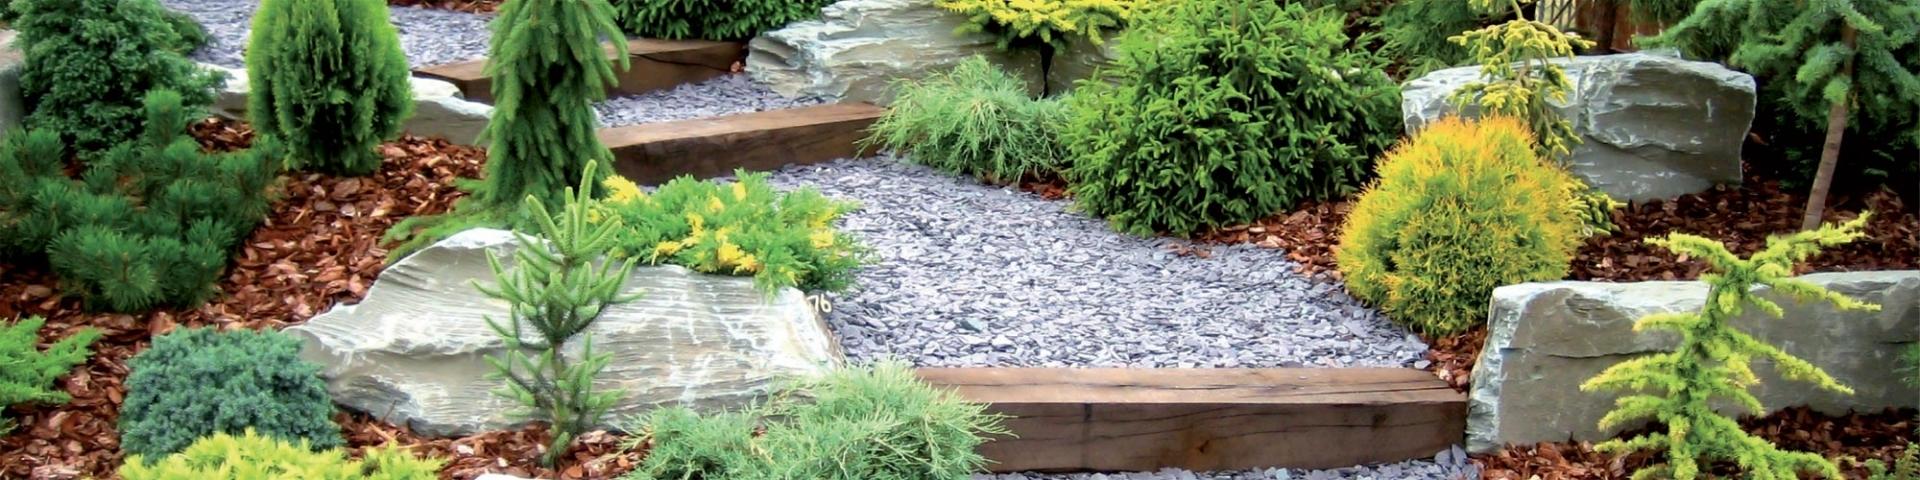 Comment Faire Un Beau Jardin création de jardin sur bordeaux - comment créer un beau